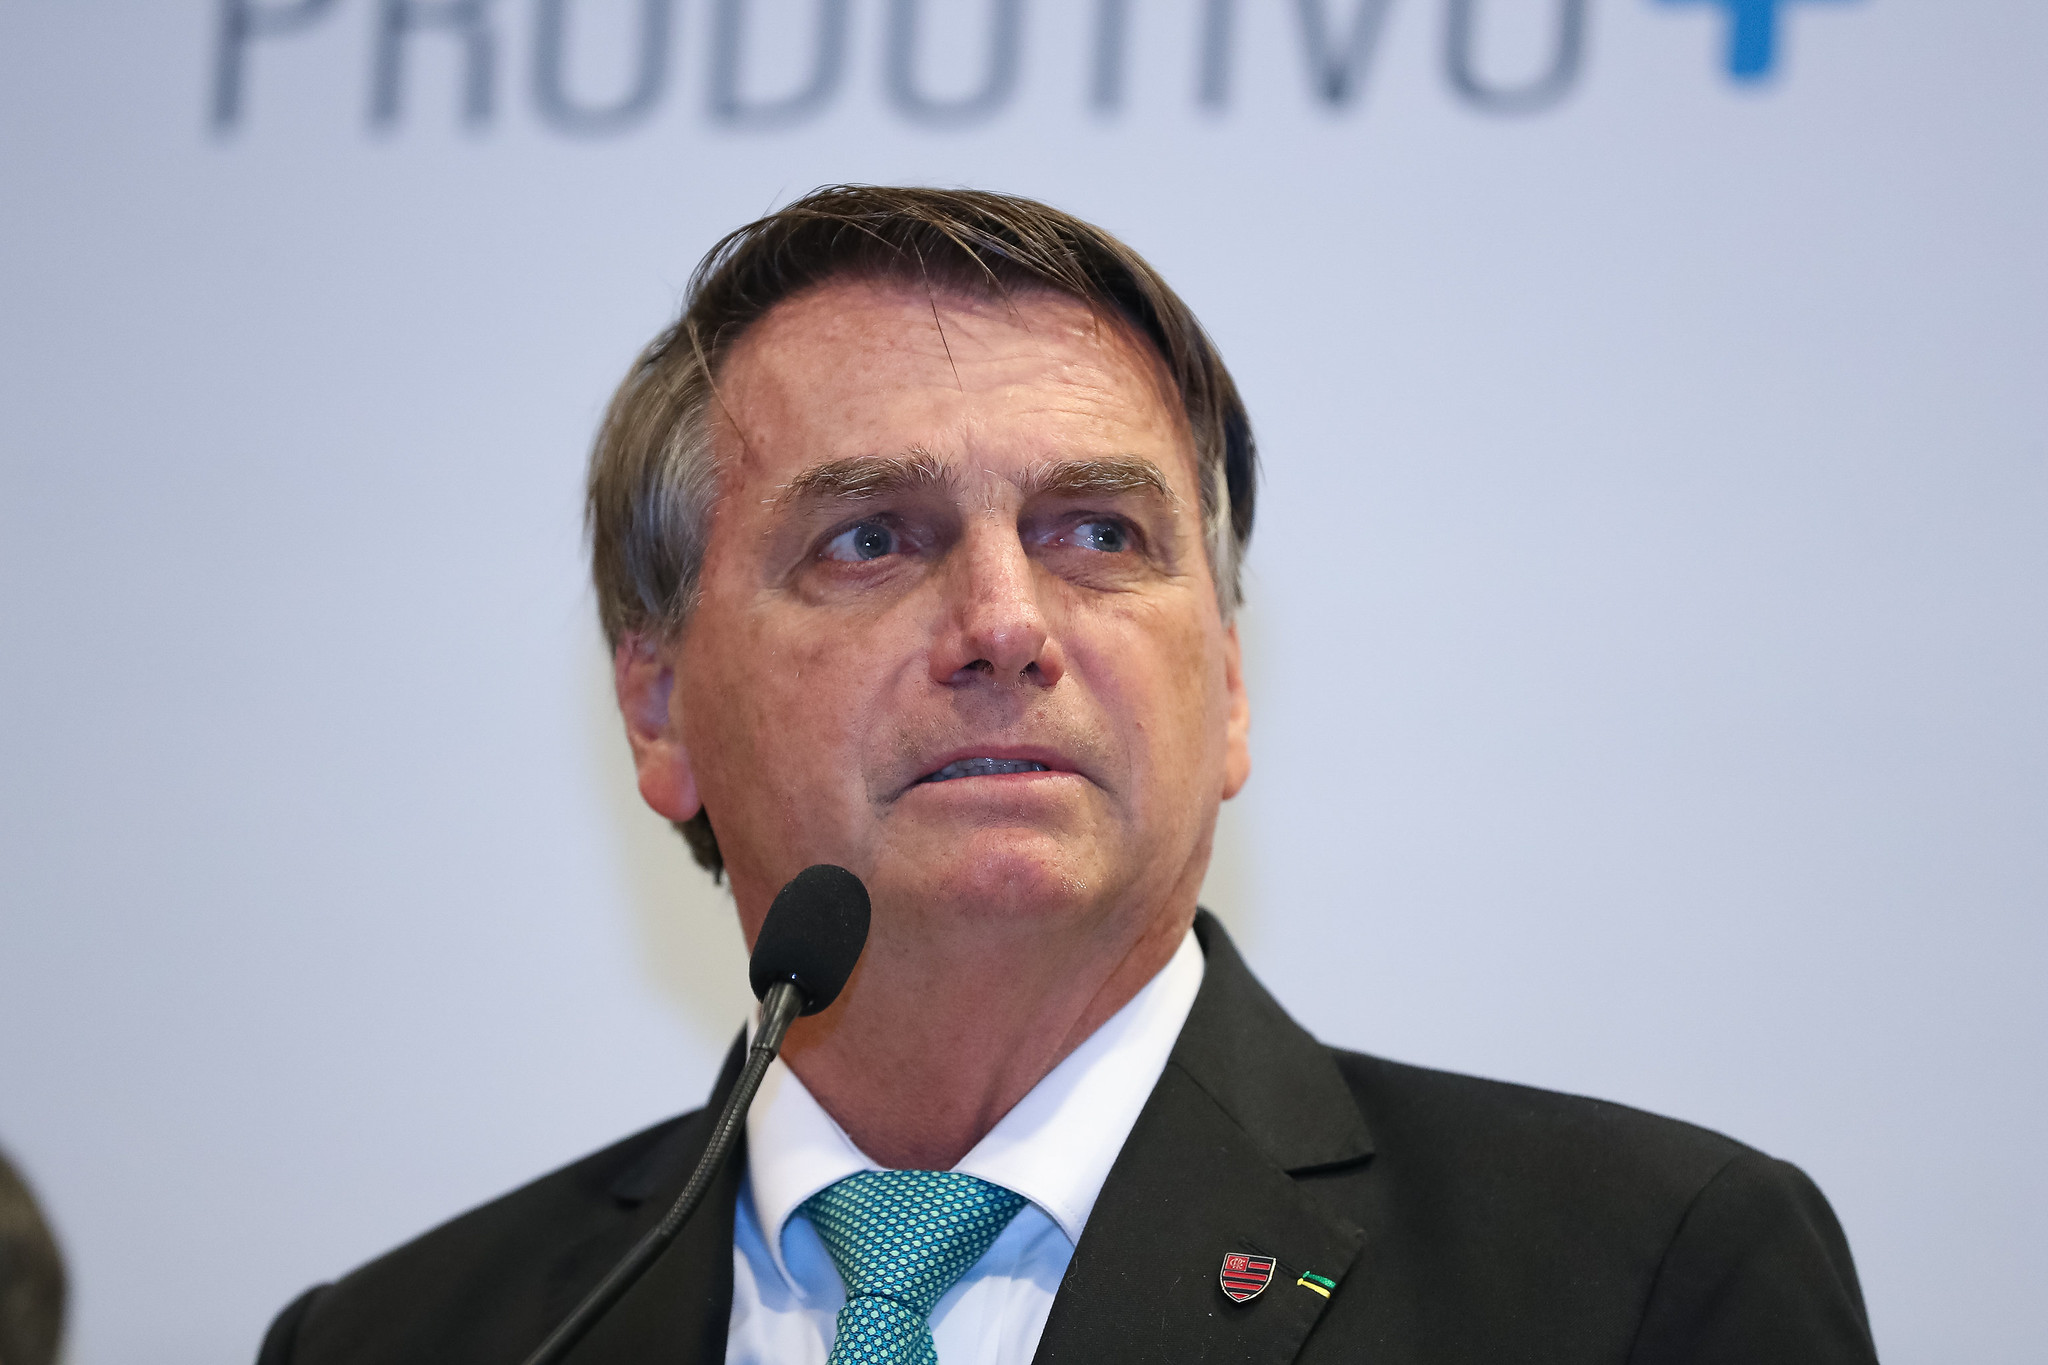 IMAGEM: Ataque de Bolsonaro a jornalista gera indignação no meio político